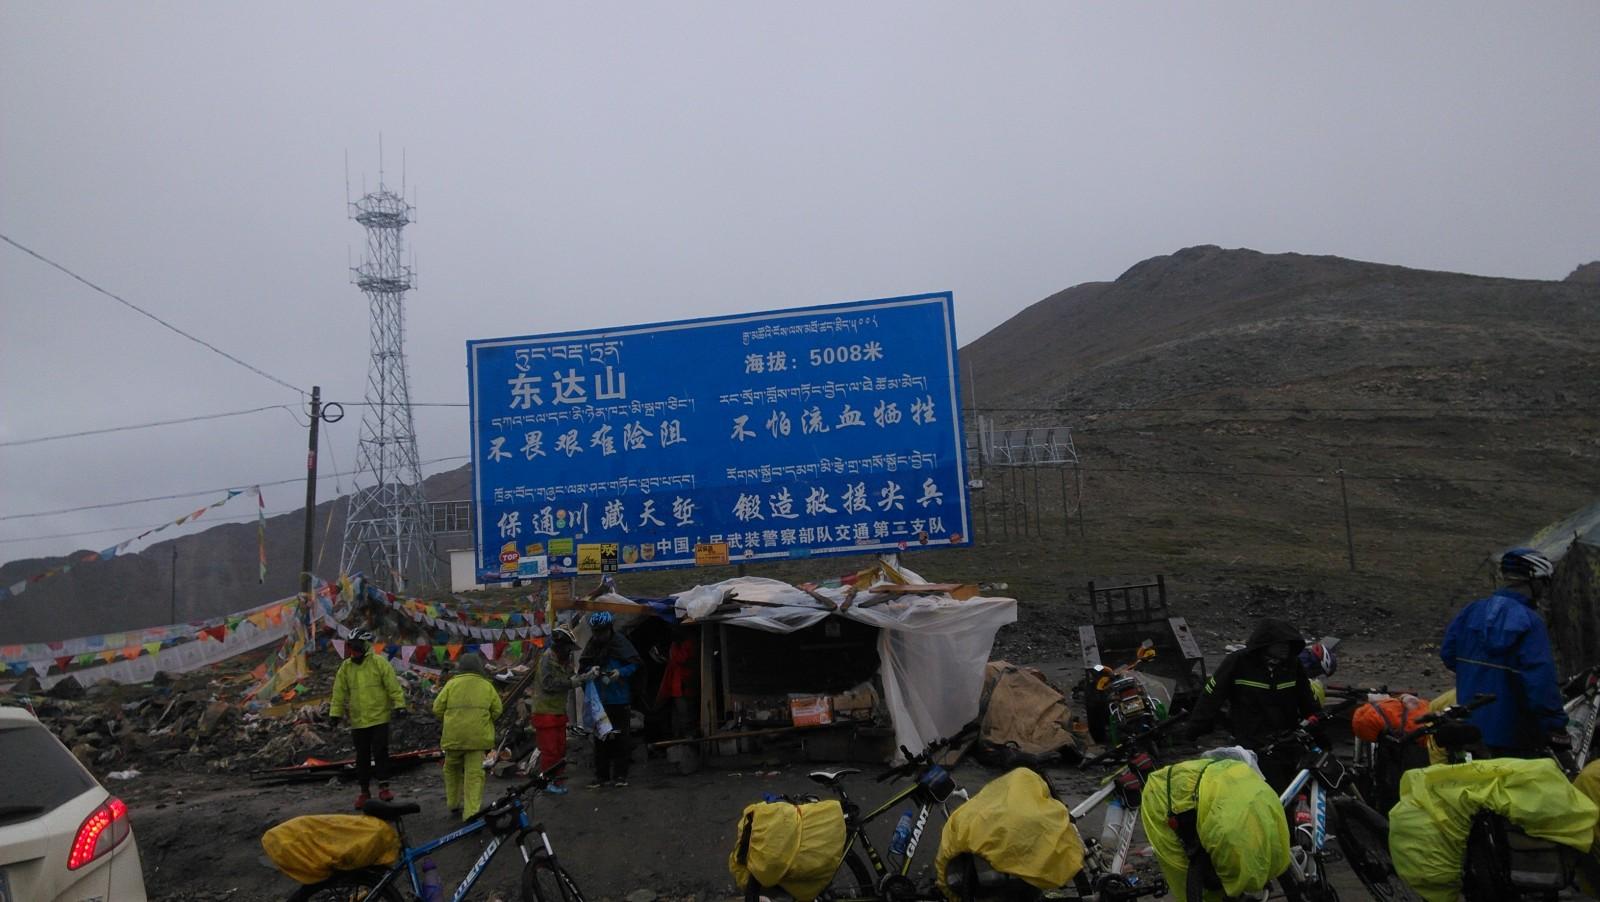 东达山山顶,今天就是爬这玩意儿来着:D注意最左边的路人甲